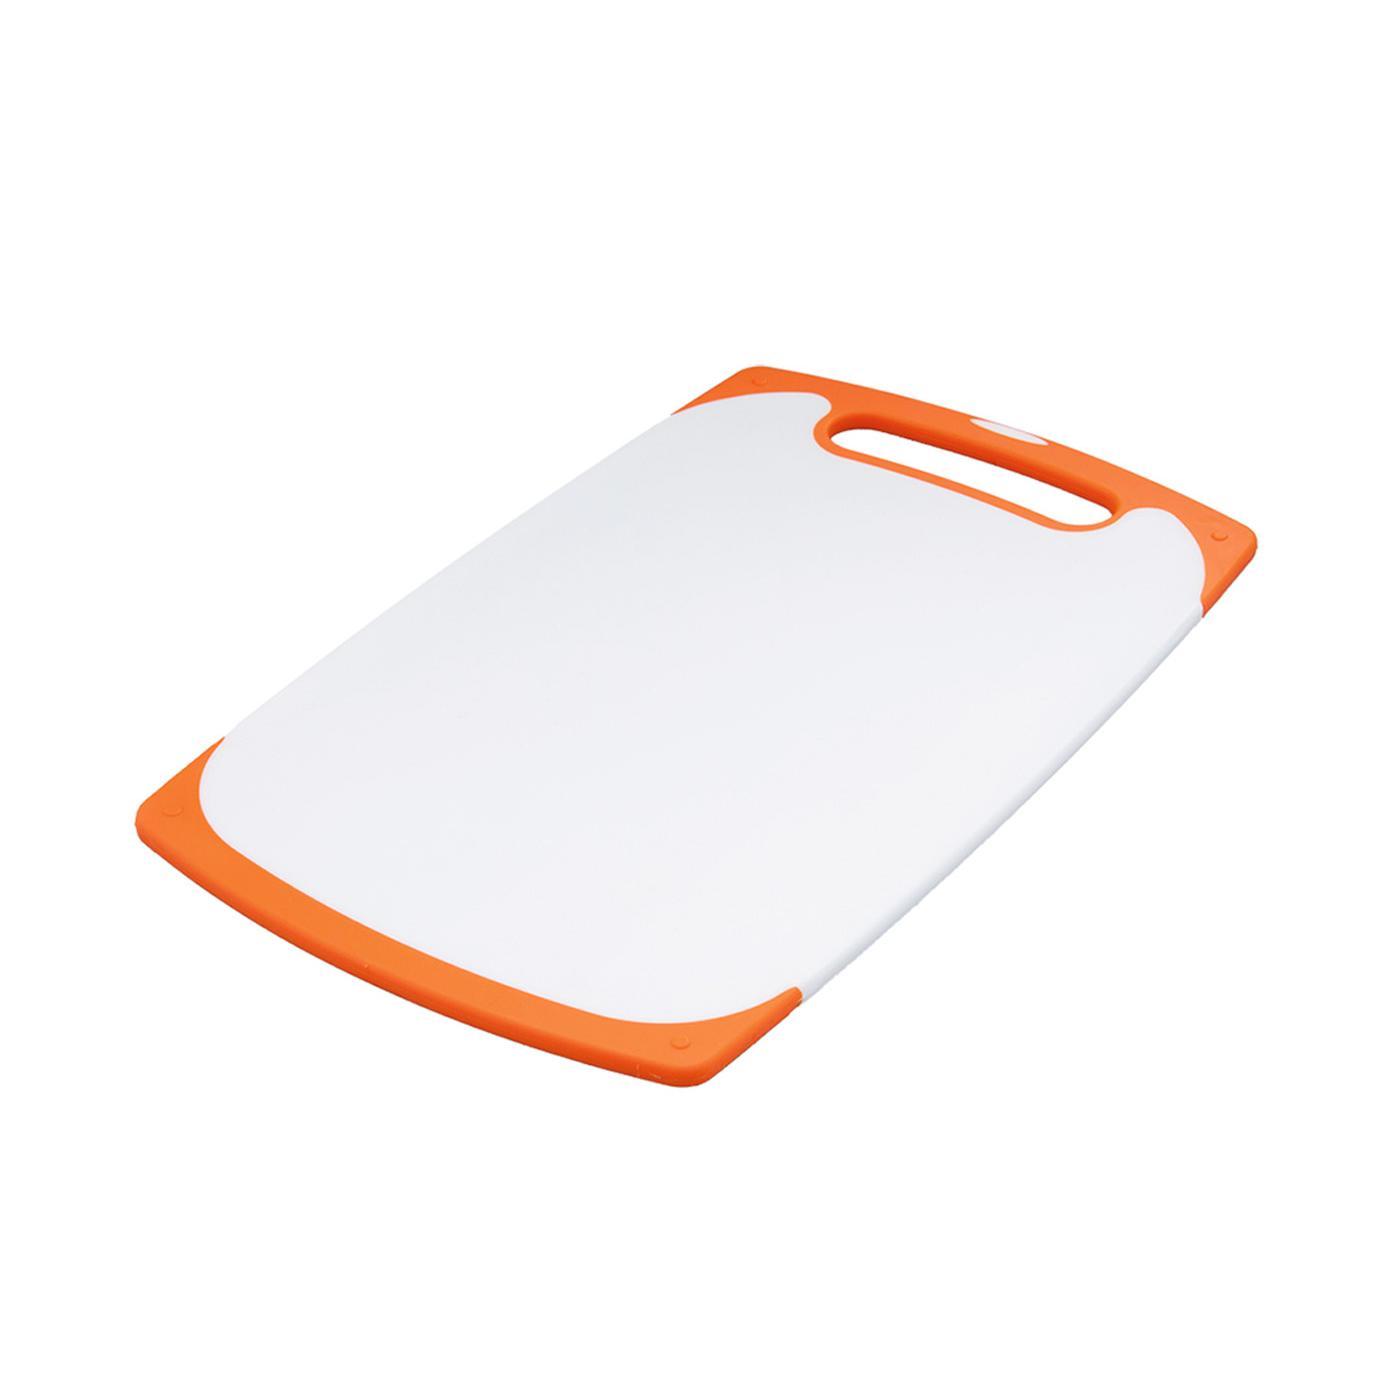 Разделочная доска Granchio 30x18x0.9cm Orange (88825)